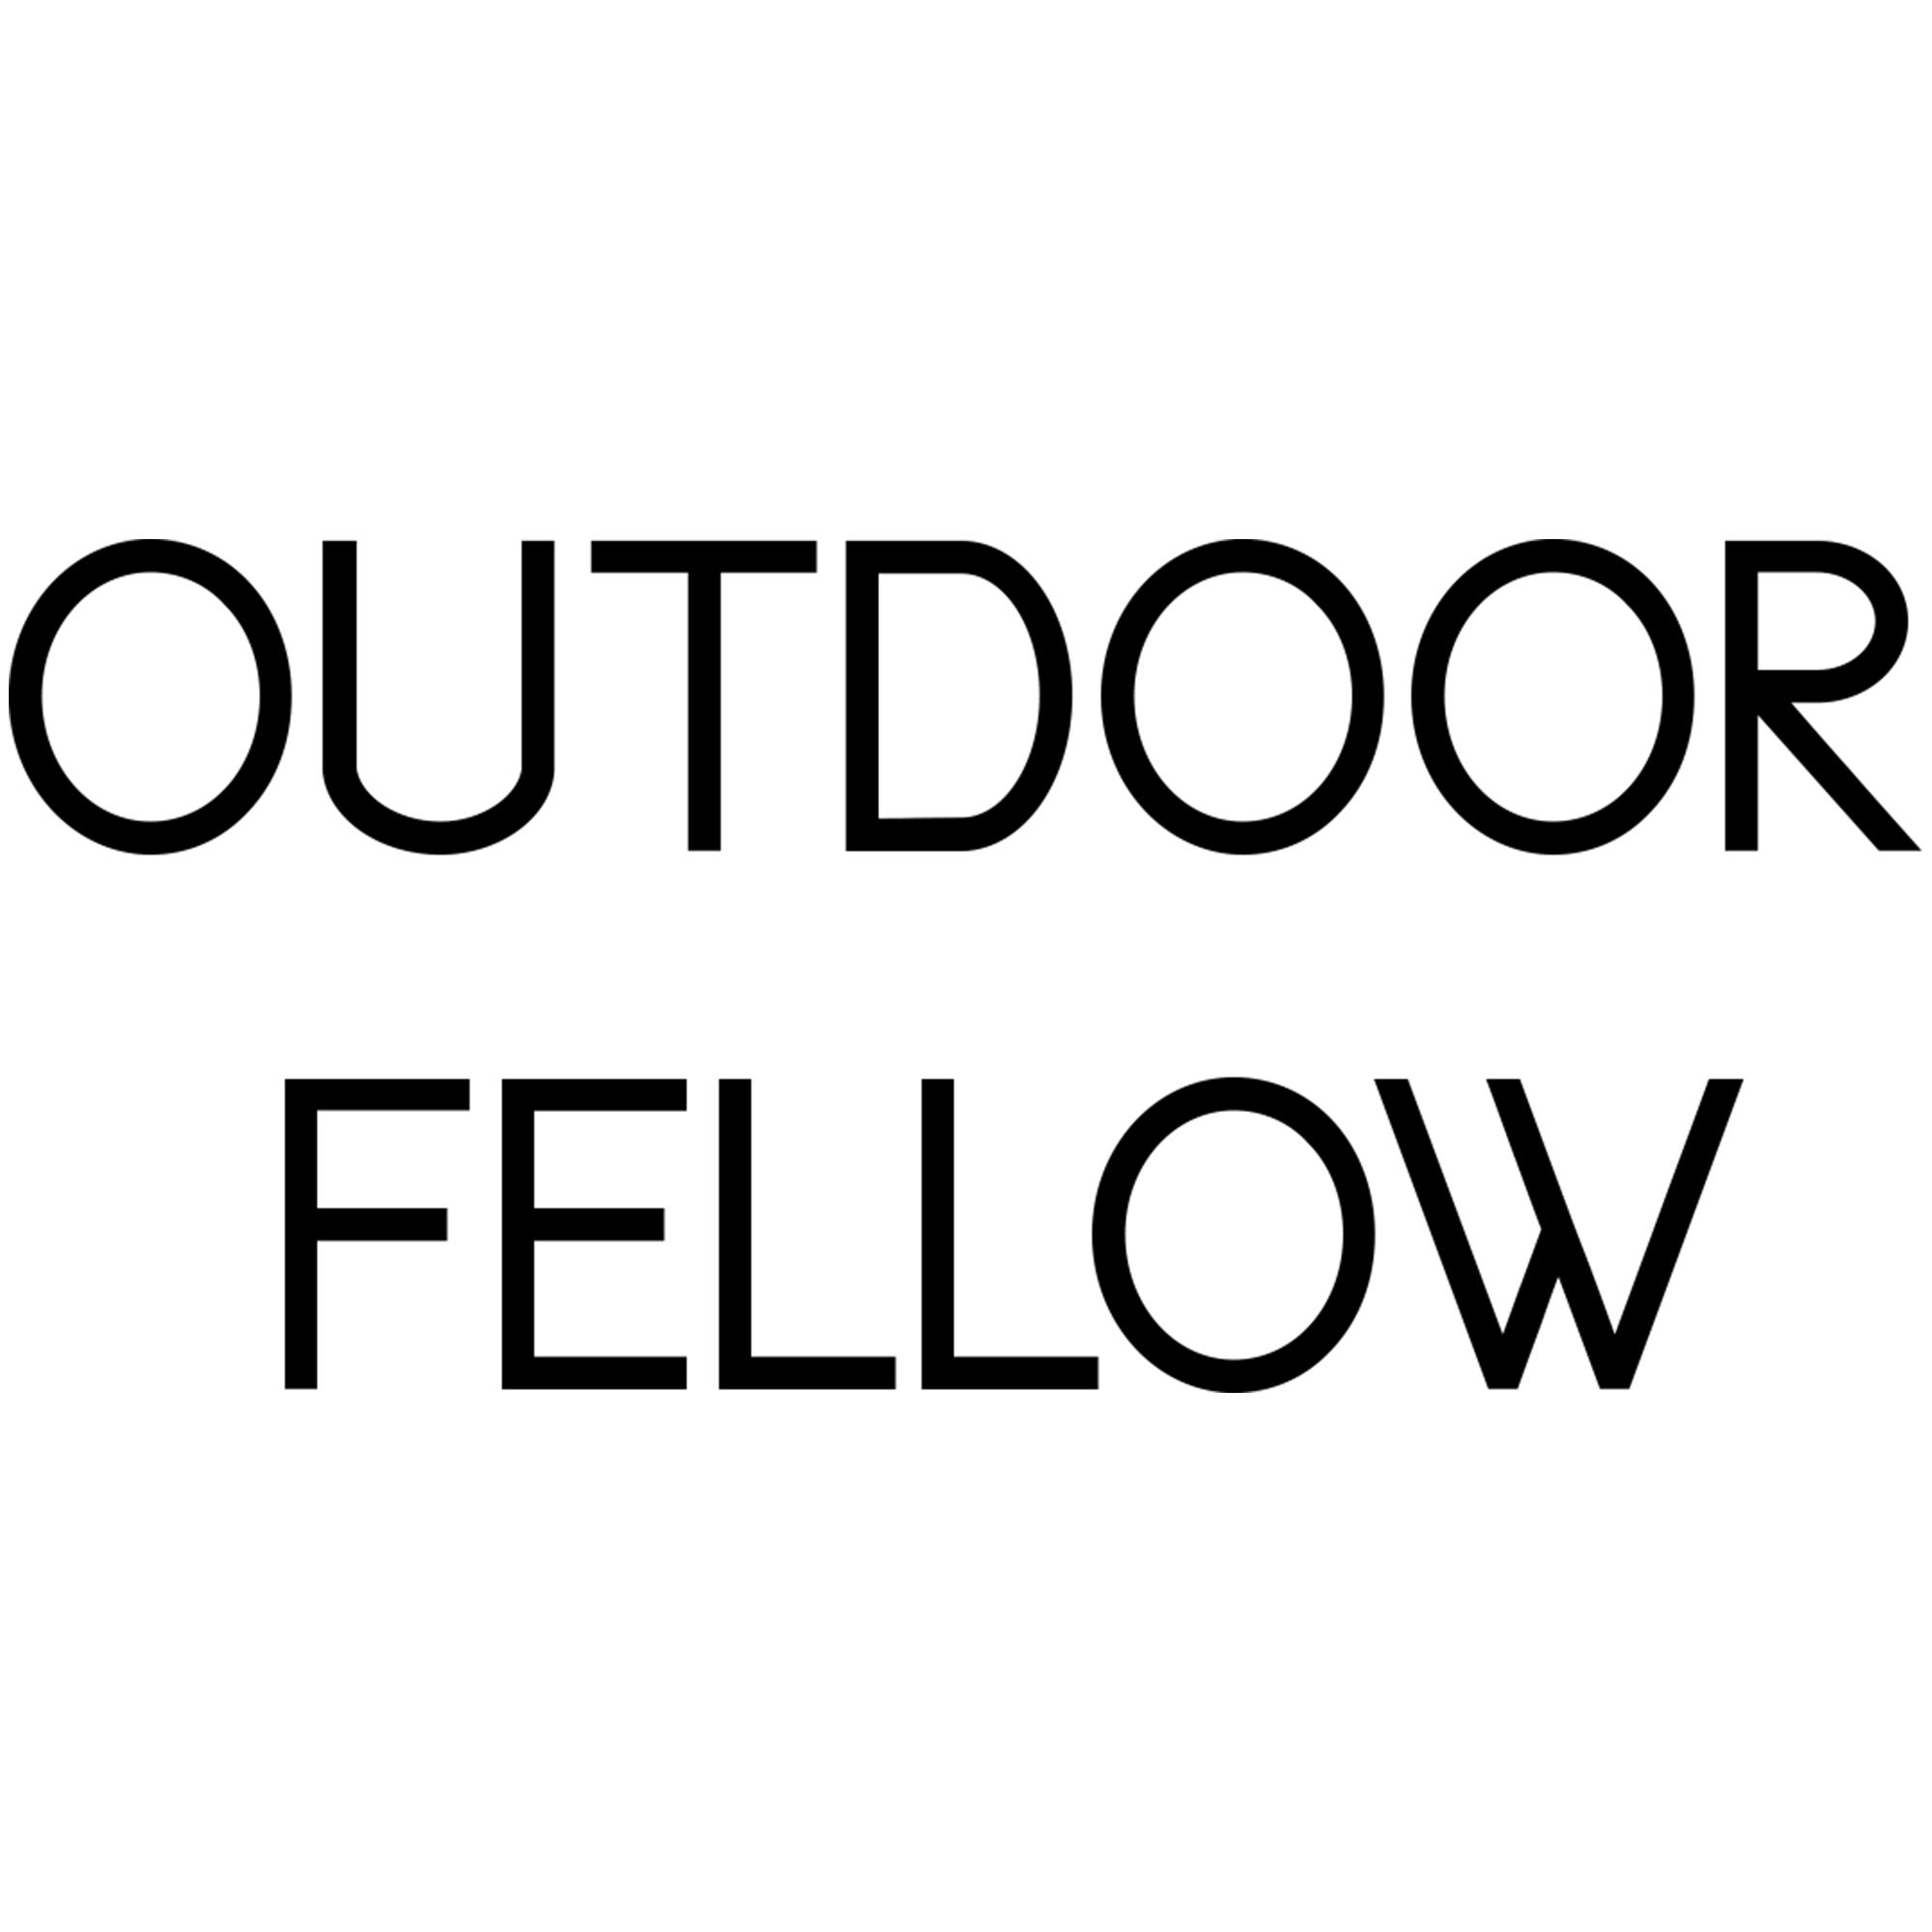 Outdoor Fellow